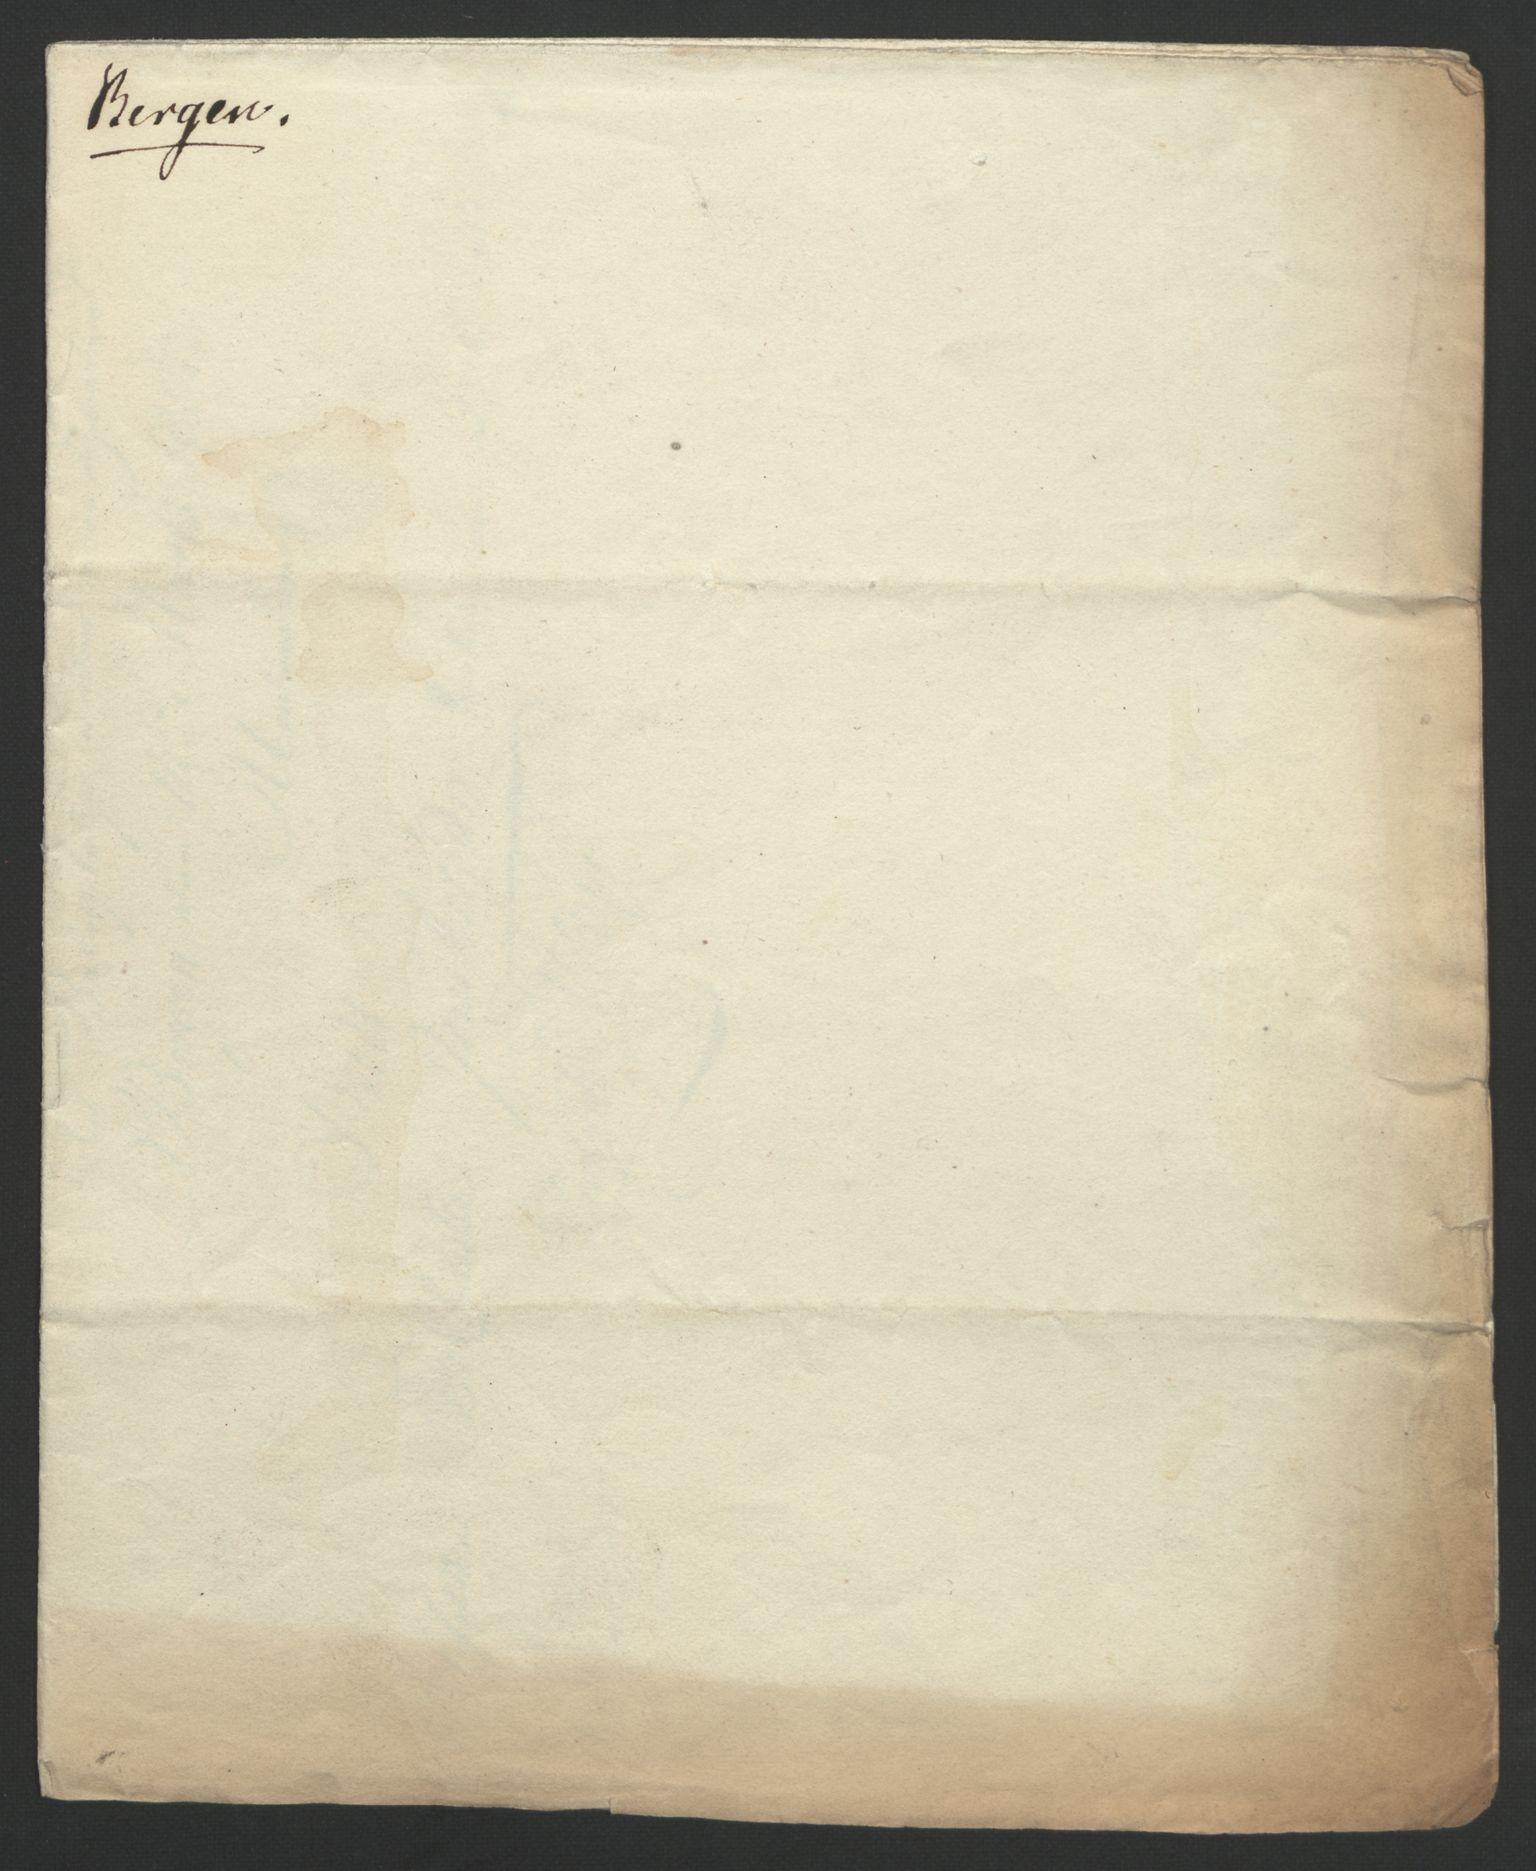 RA, Statsrådssekretariatet, D/Db/L0007: Fullmakter for Eidsvollsrepresentantene i 1814. , 1814, s. 45